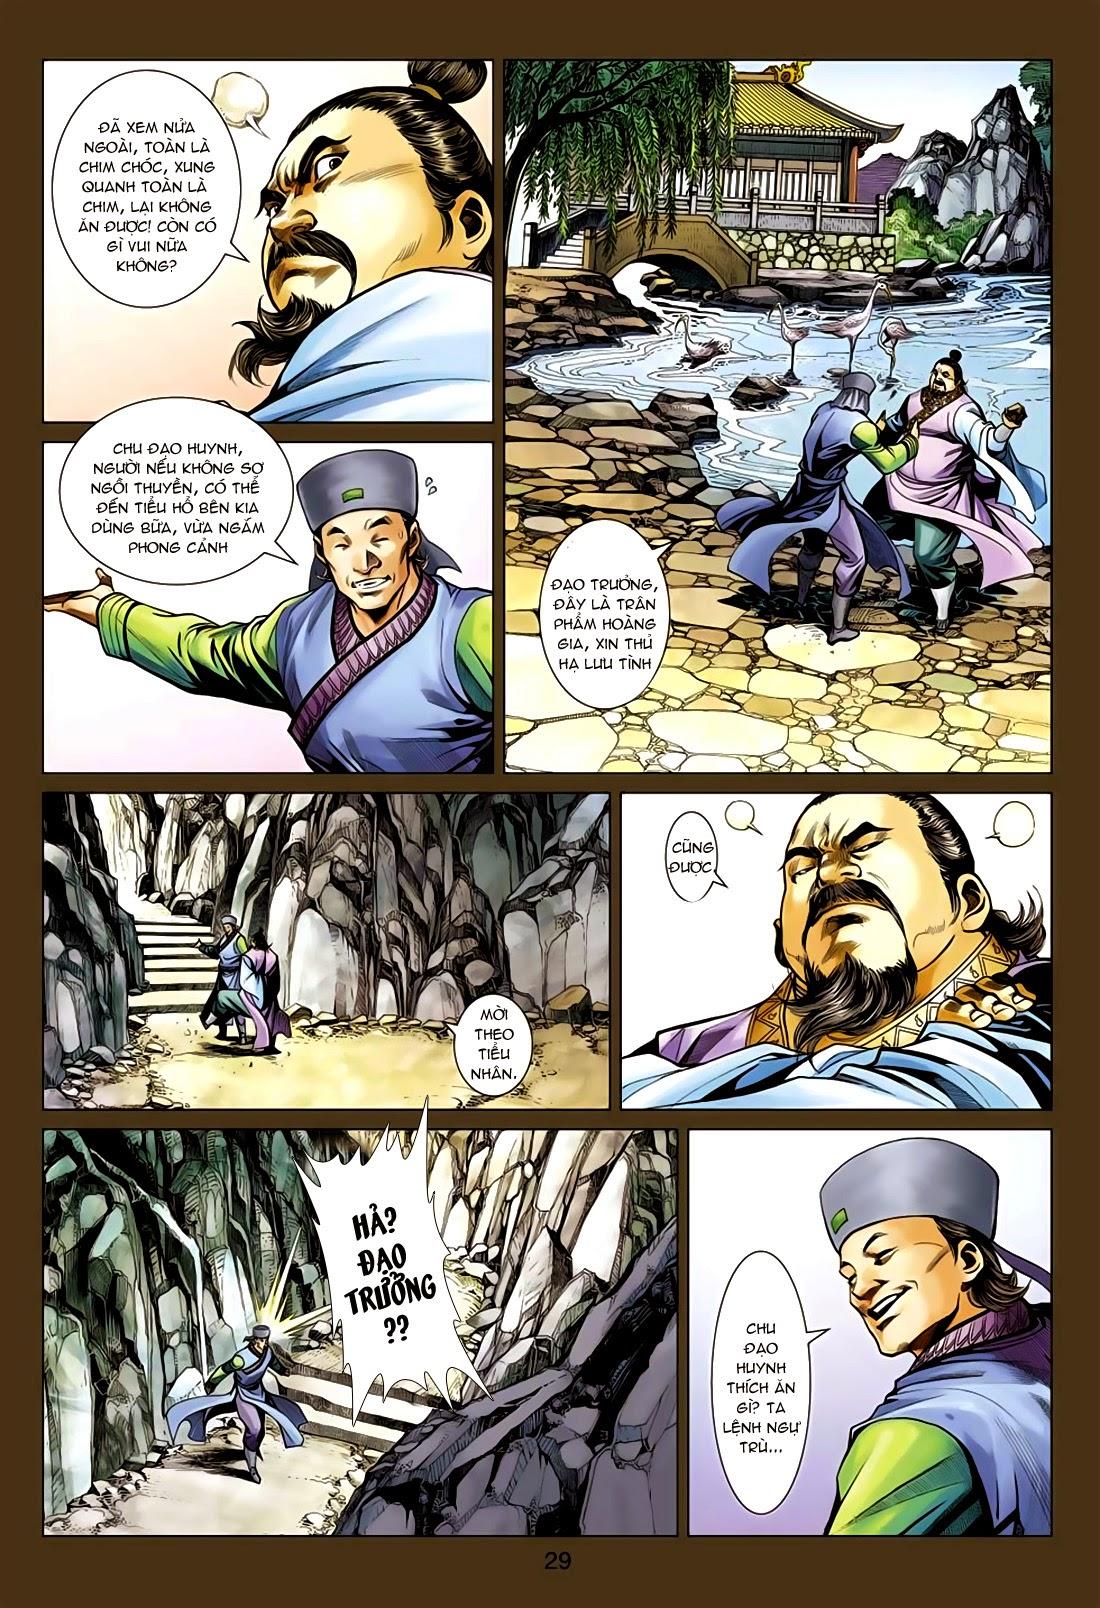 Anh Hùng Xạ Điêu anh hùng xạ đêu chap 75: hoàng thành cựu sự trang 29